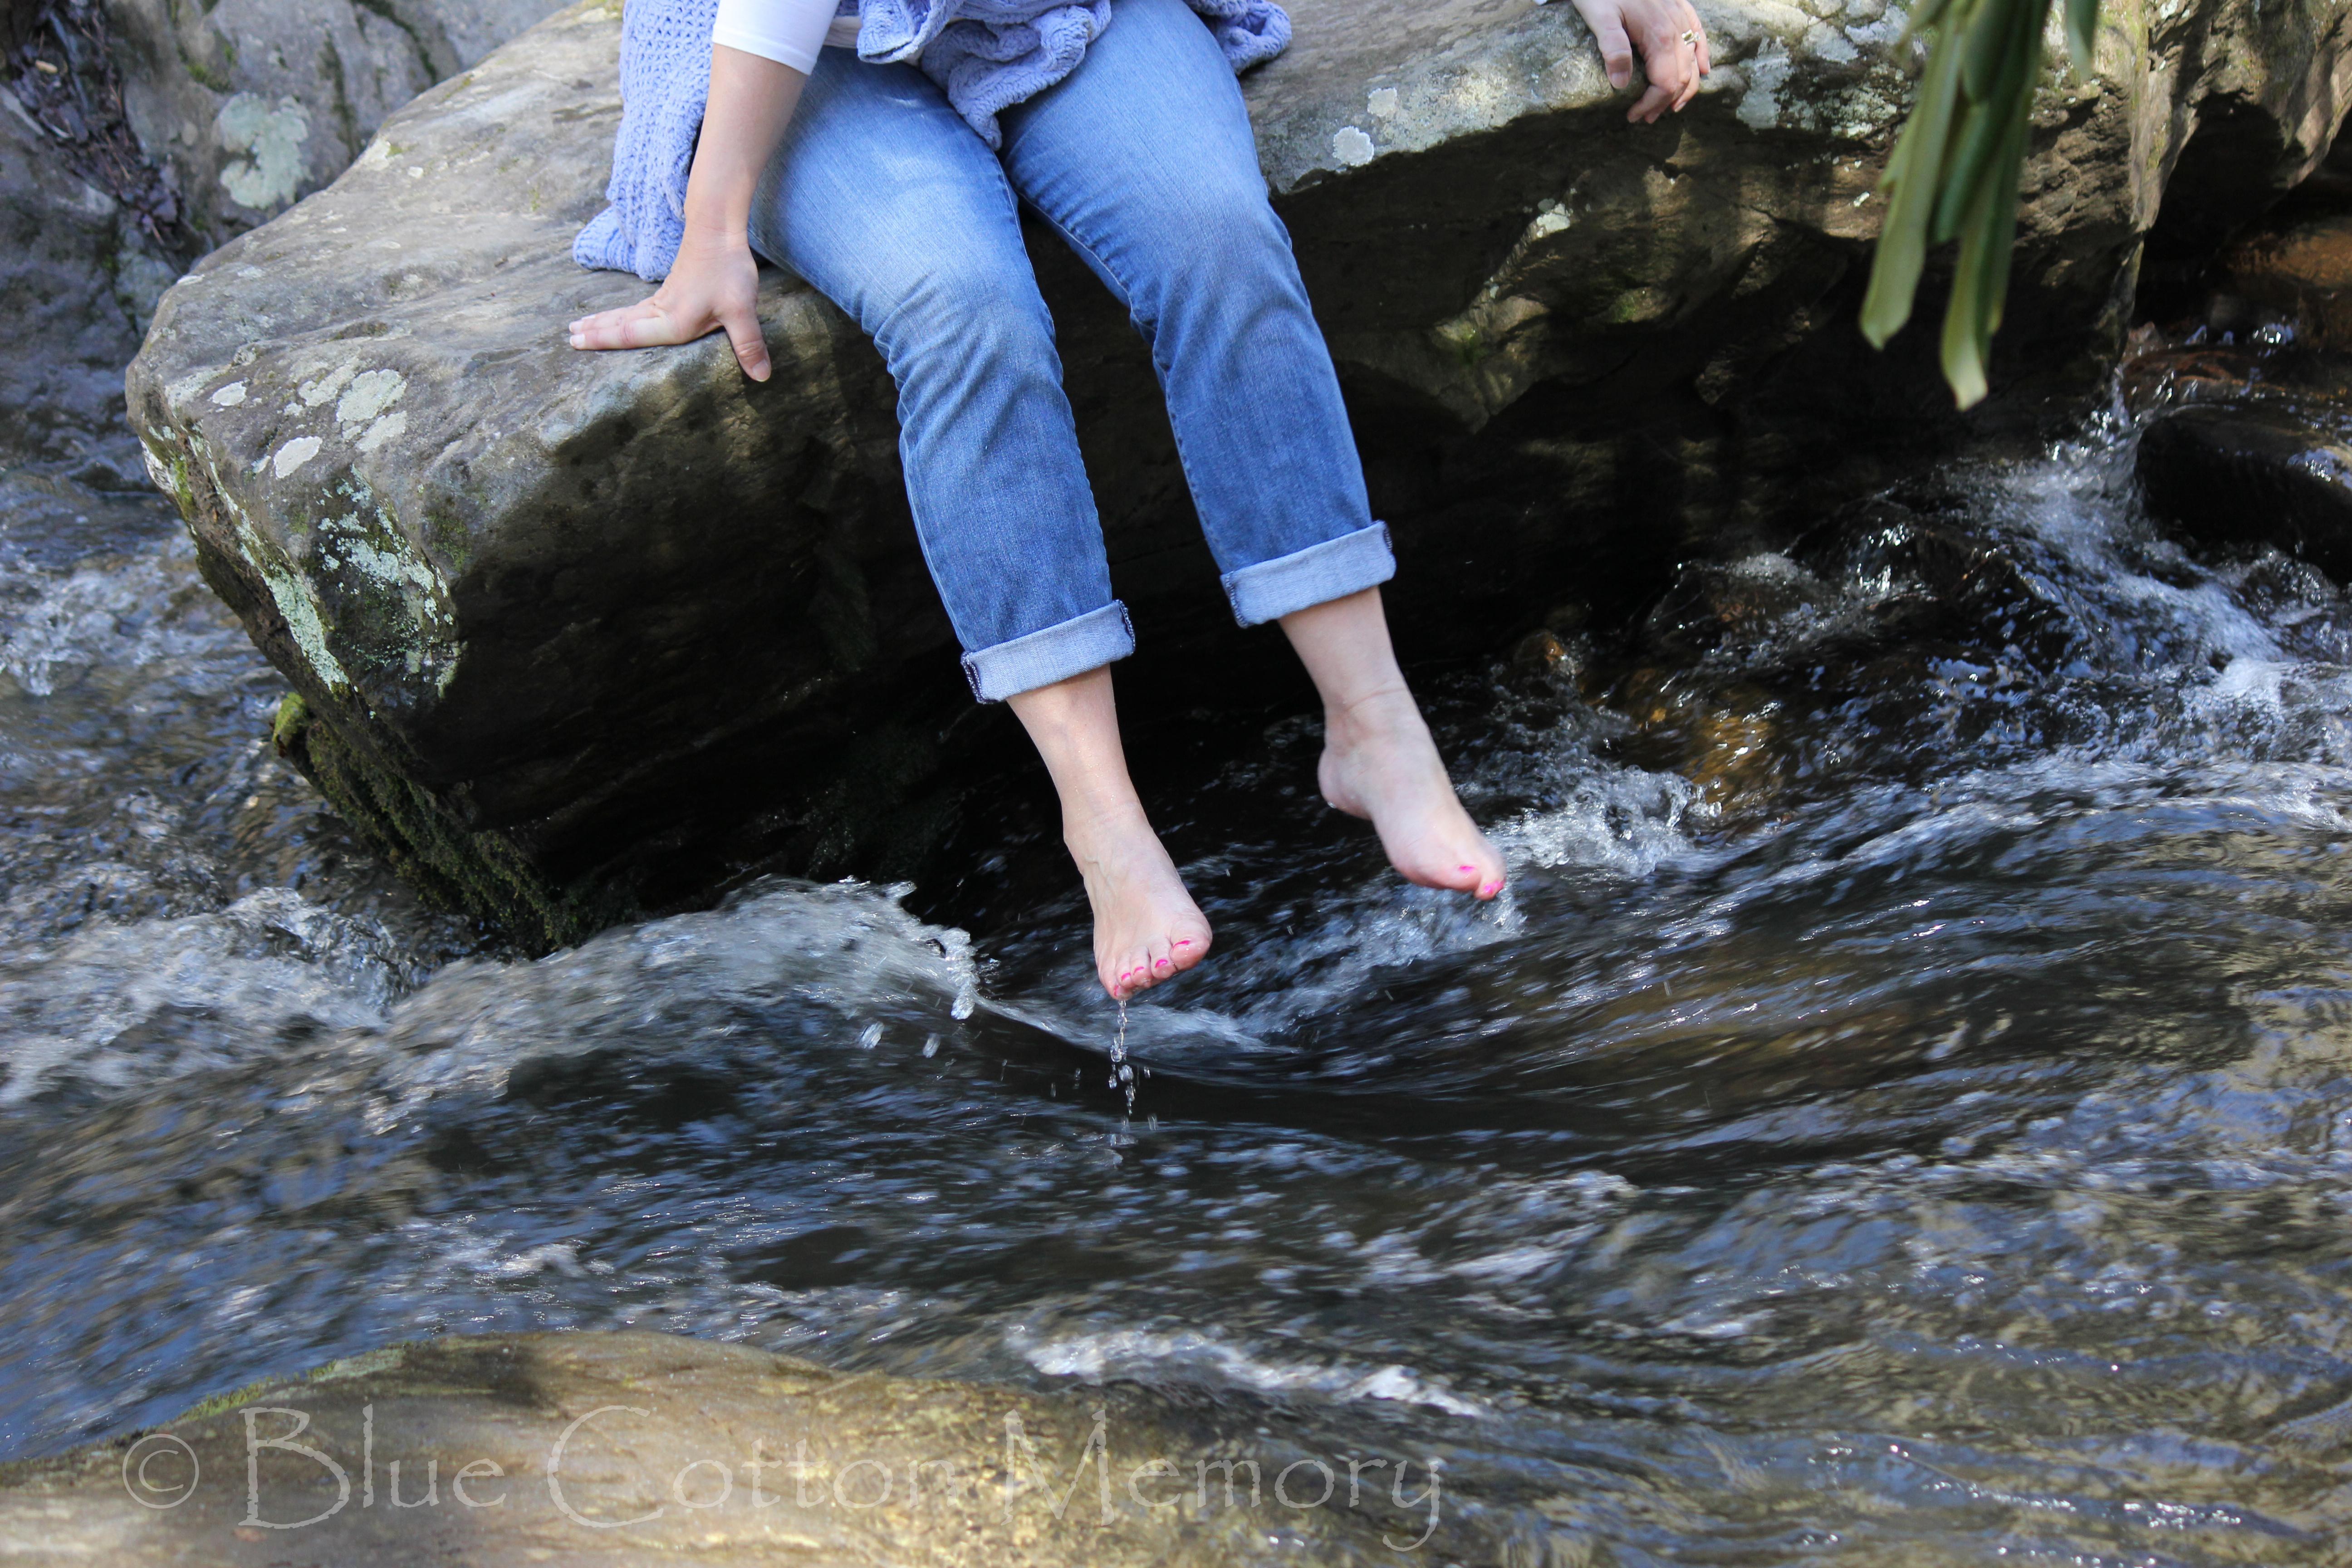 feetwaterc16_edited-1